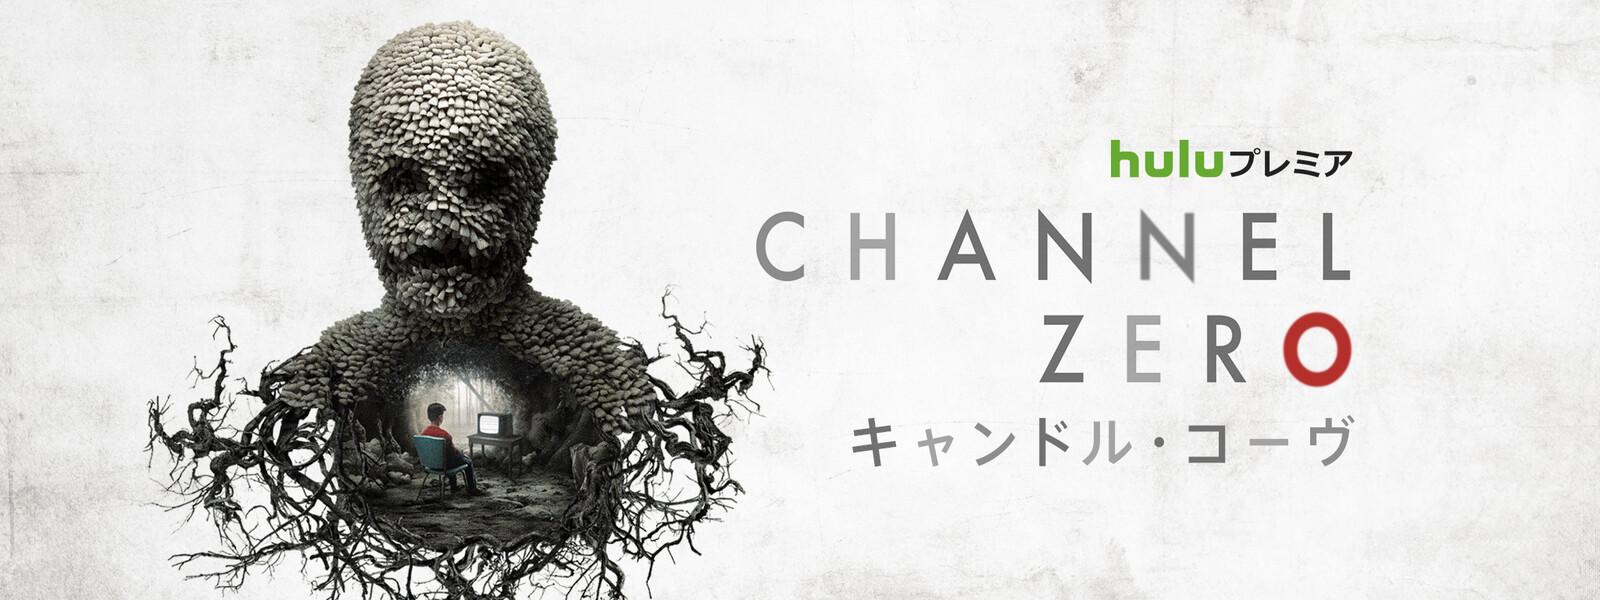 Channel ZERO シーズン1:キャンドル・コーヴの動画 - Channel ZERO シーズン2:ノーエンド・ハウス